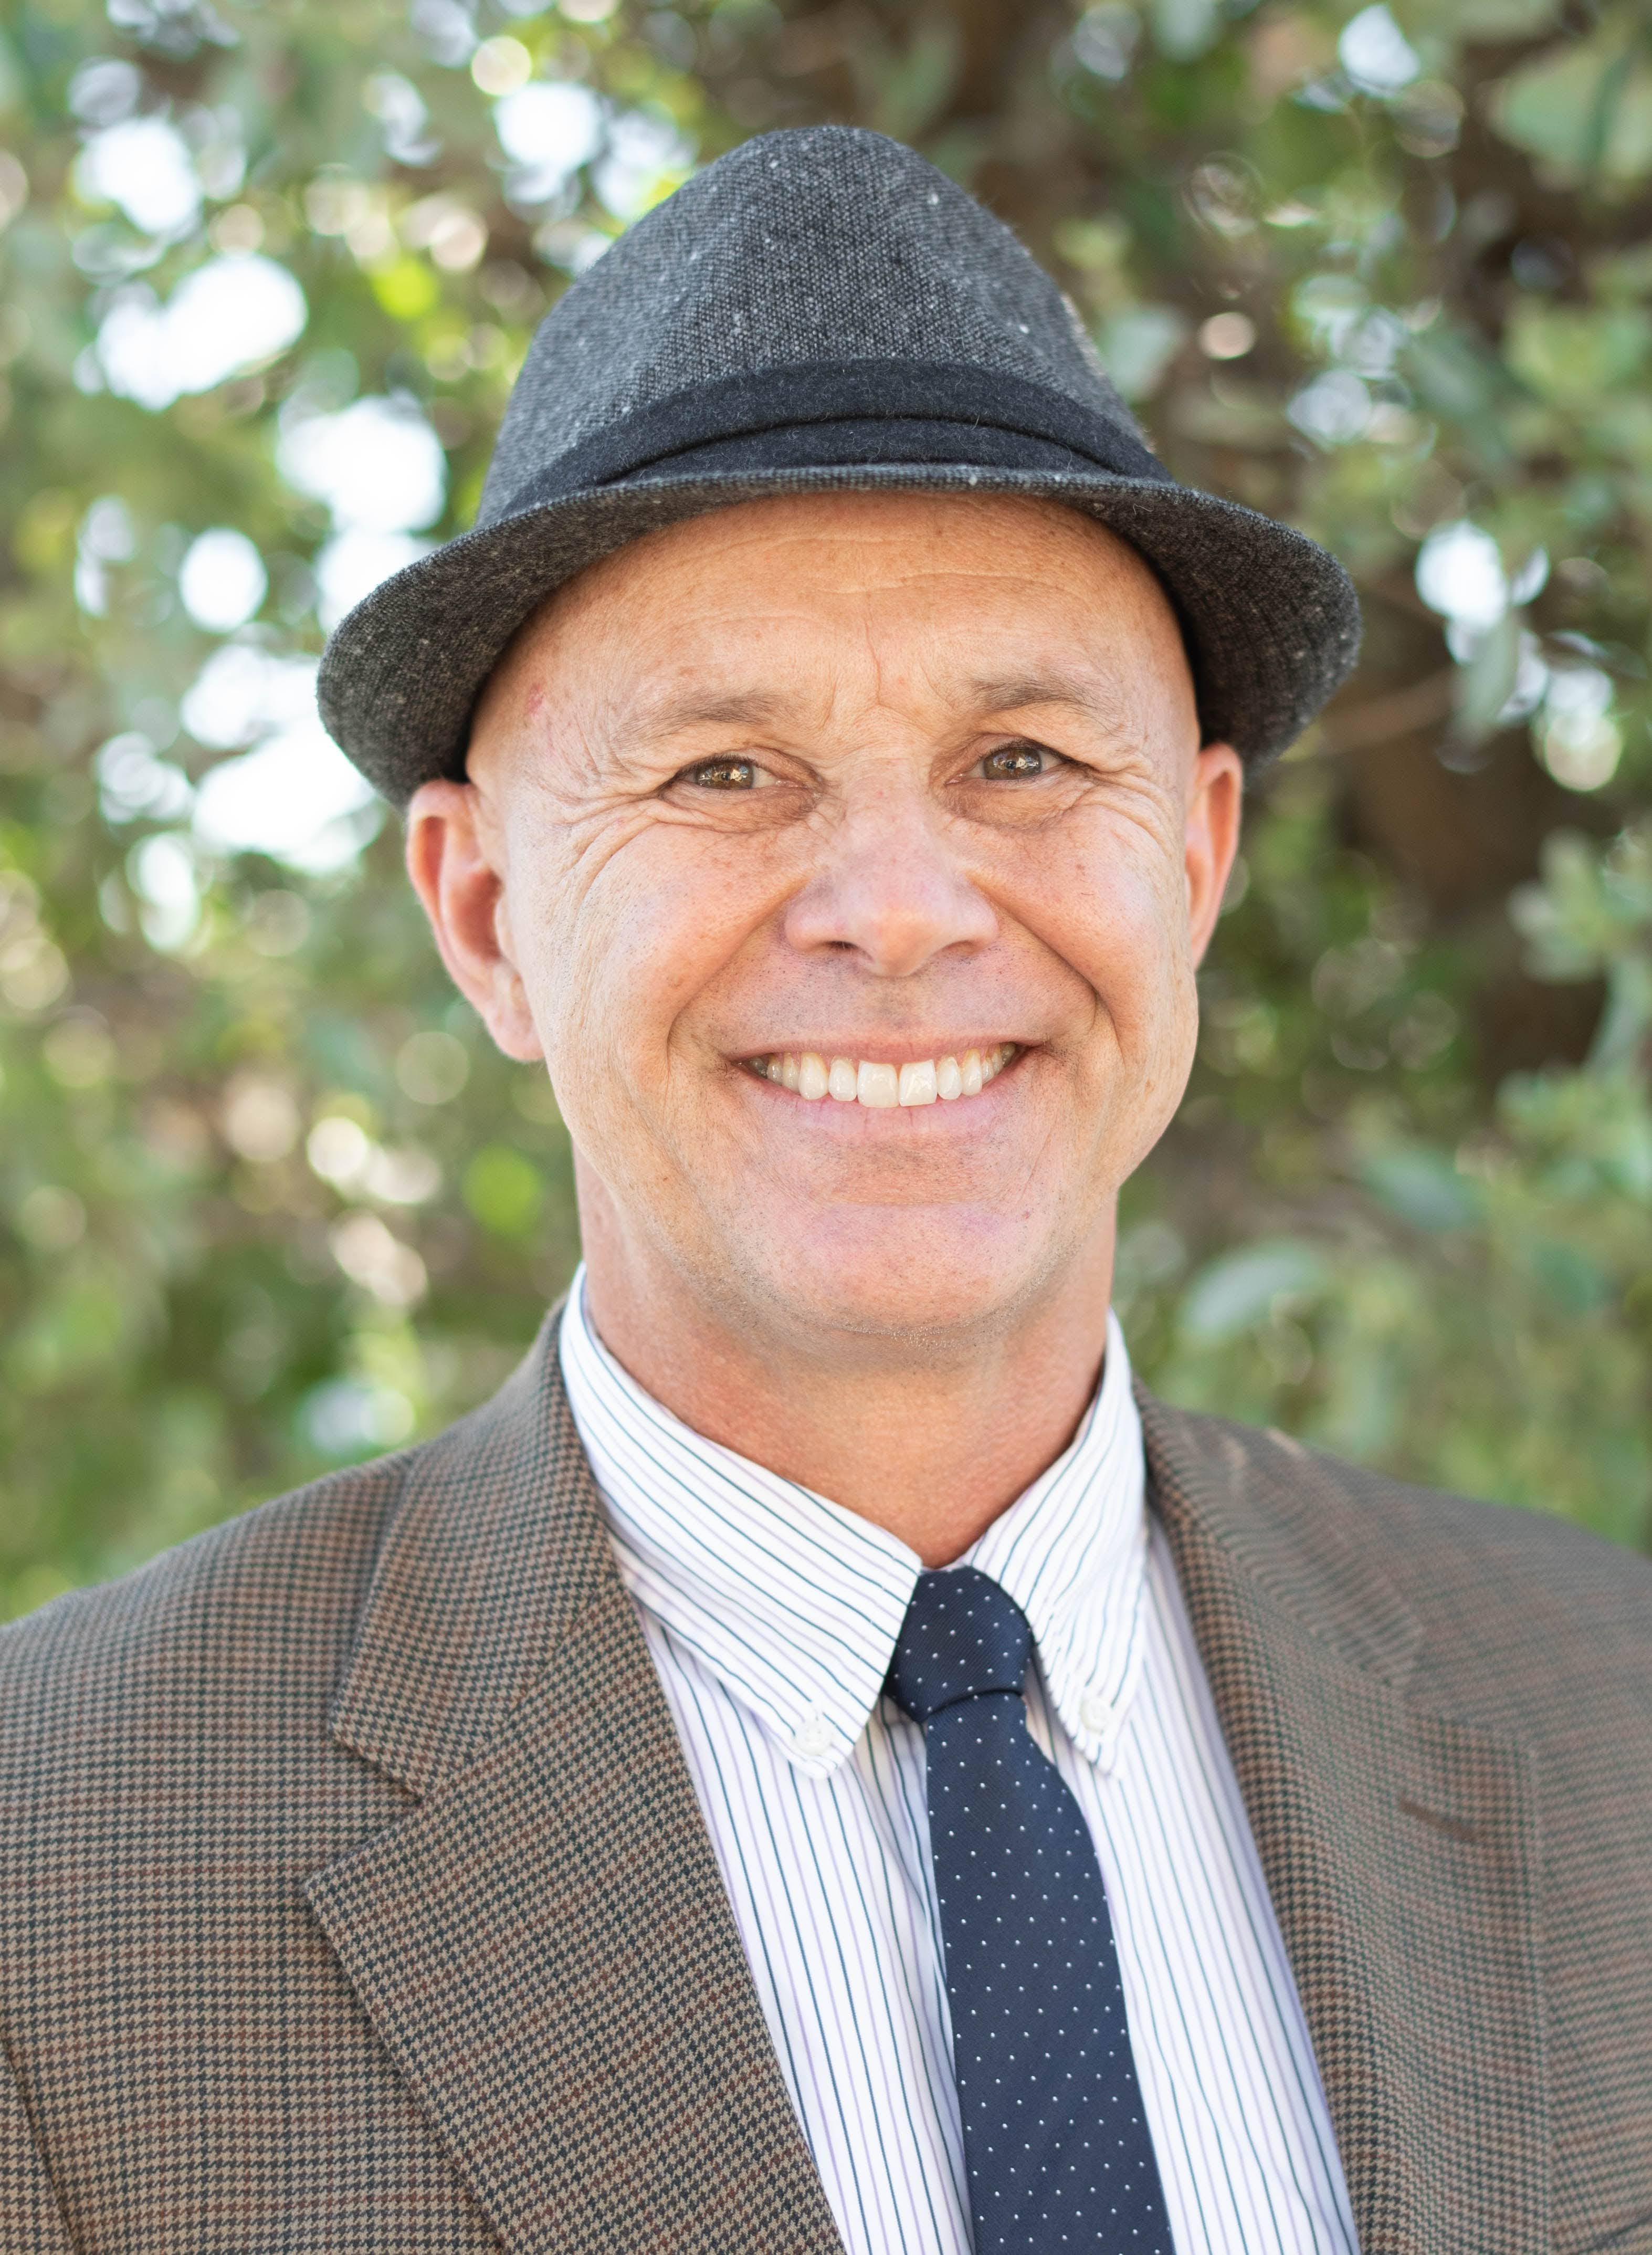 Eric P. Larkin